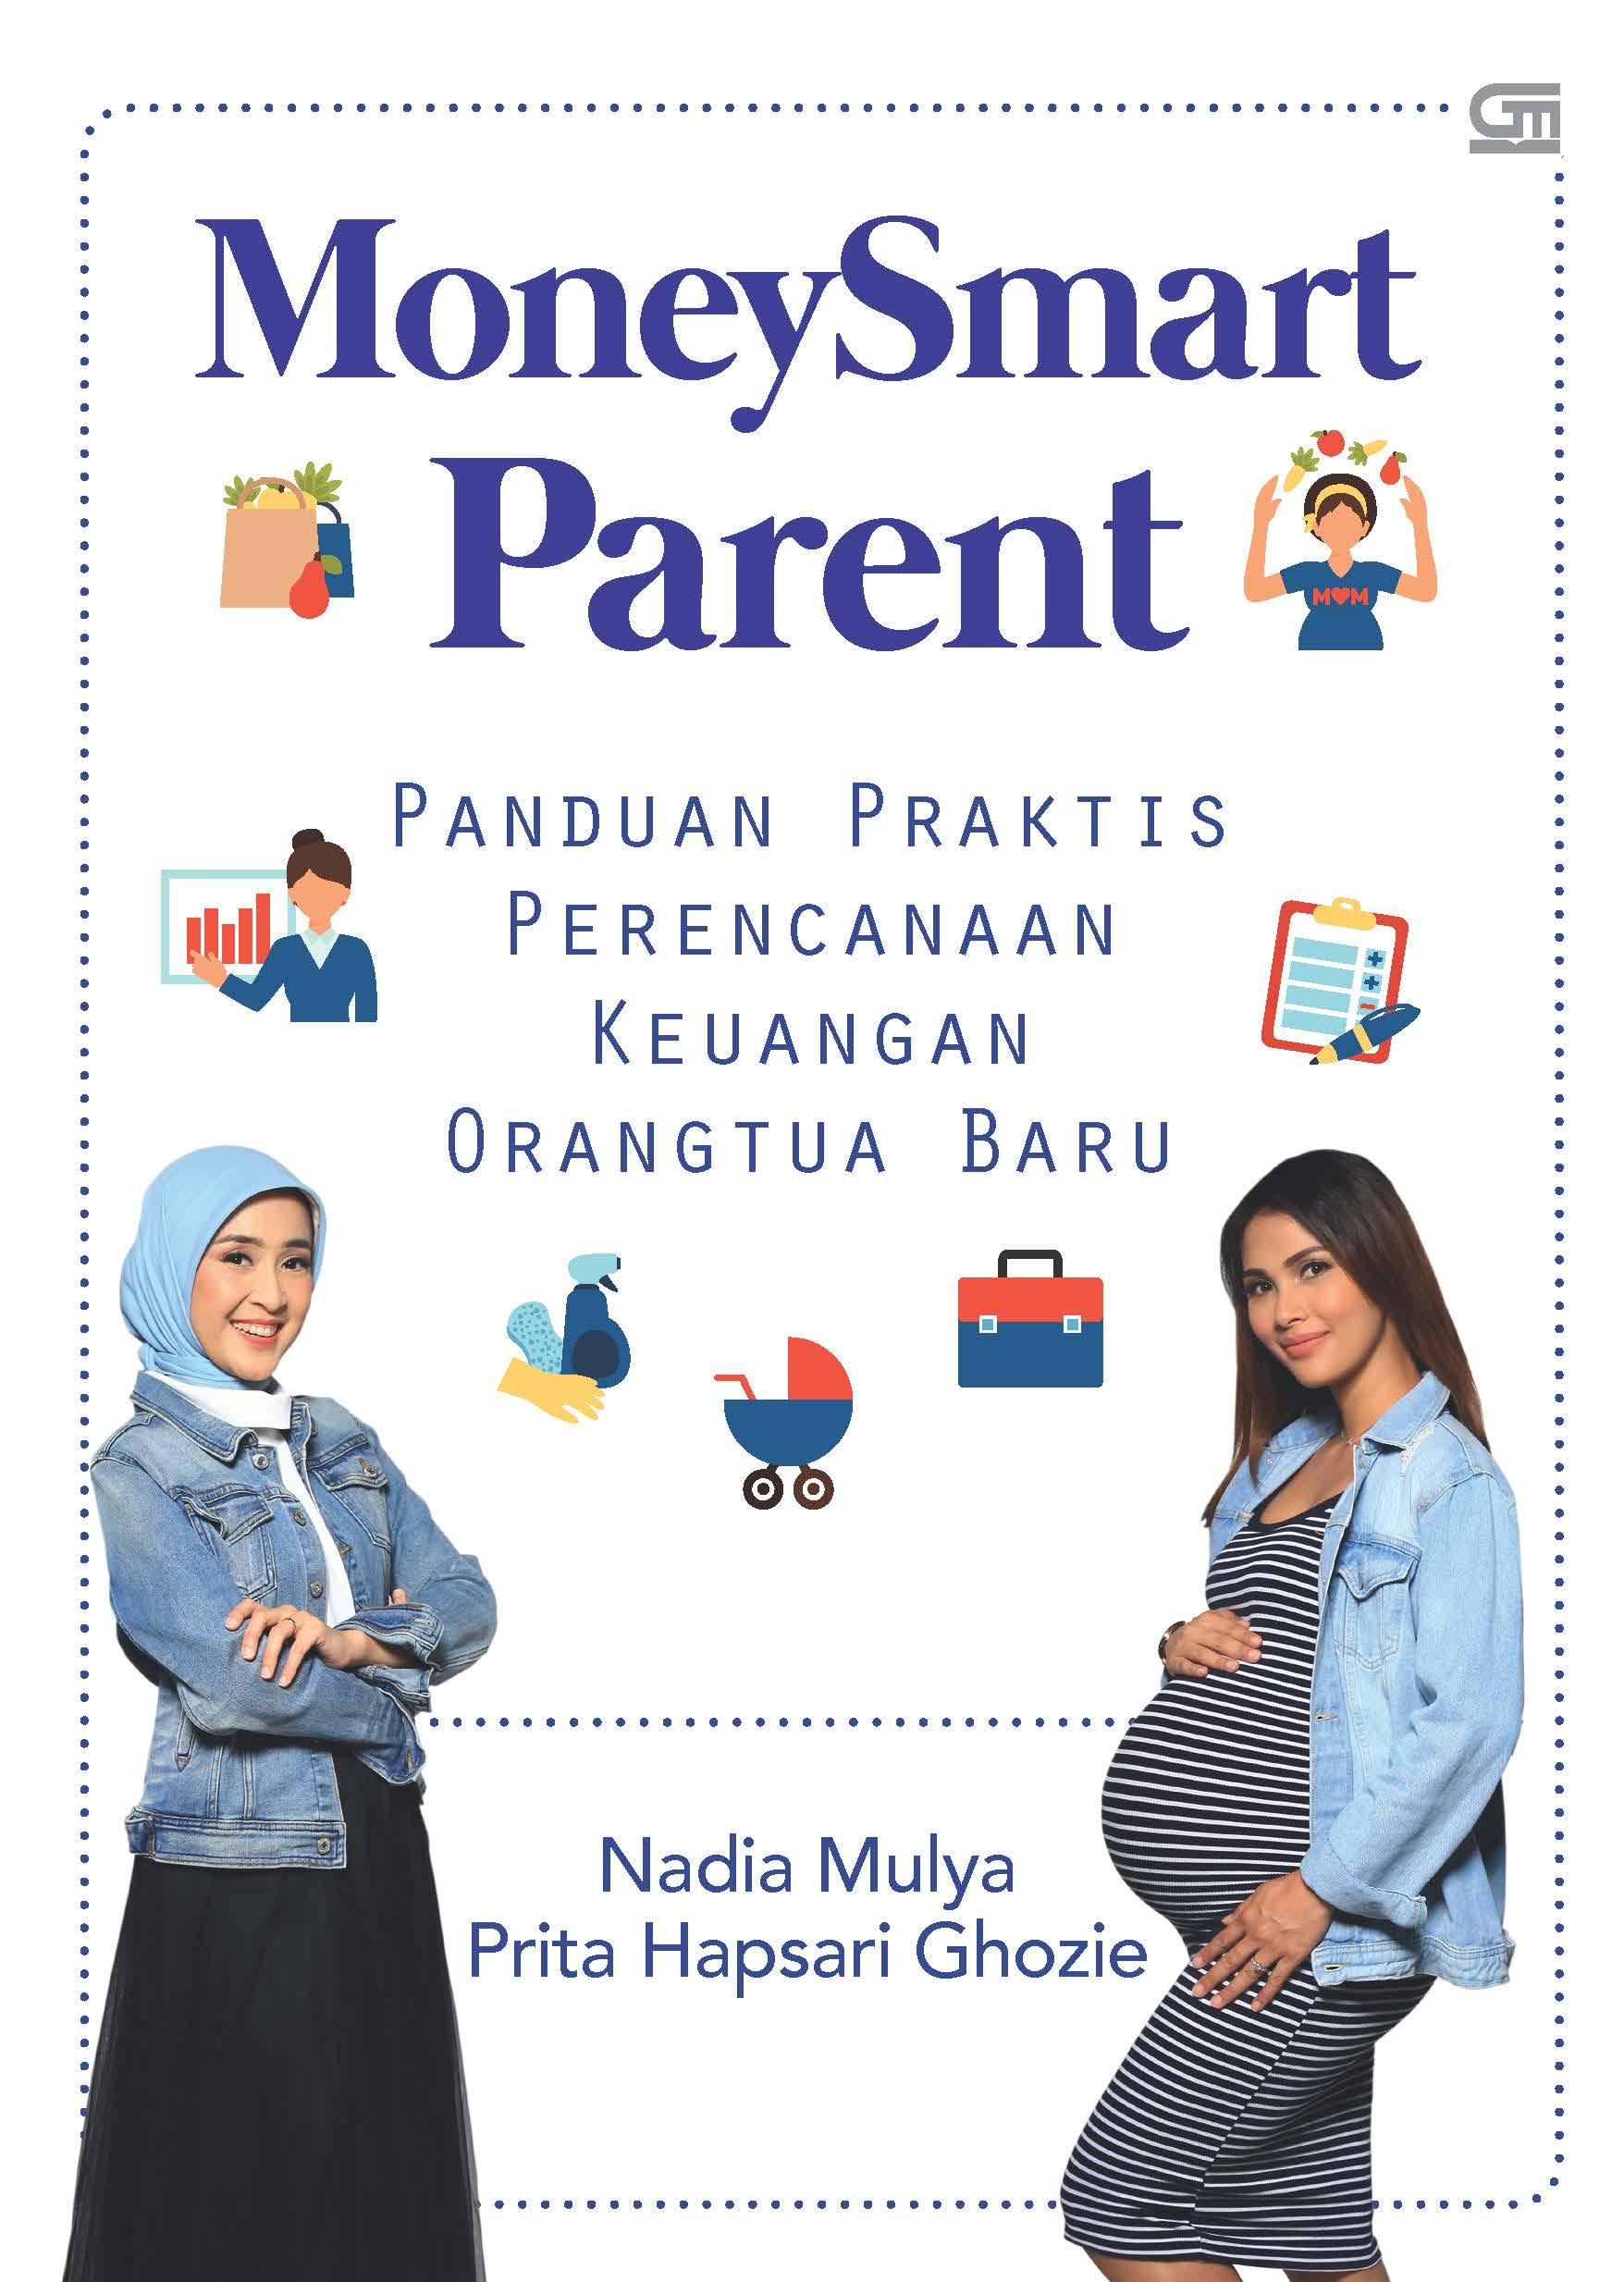 Money Smart Parent: Panduan Praktis Perencanaan Keuangan Orang Tua Baru